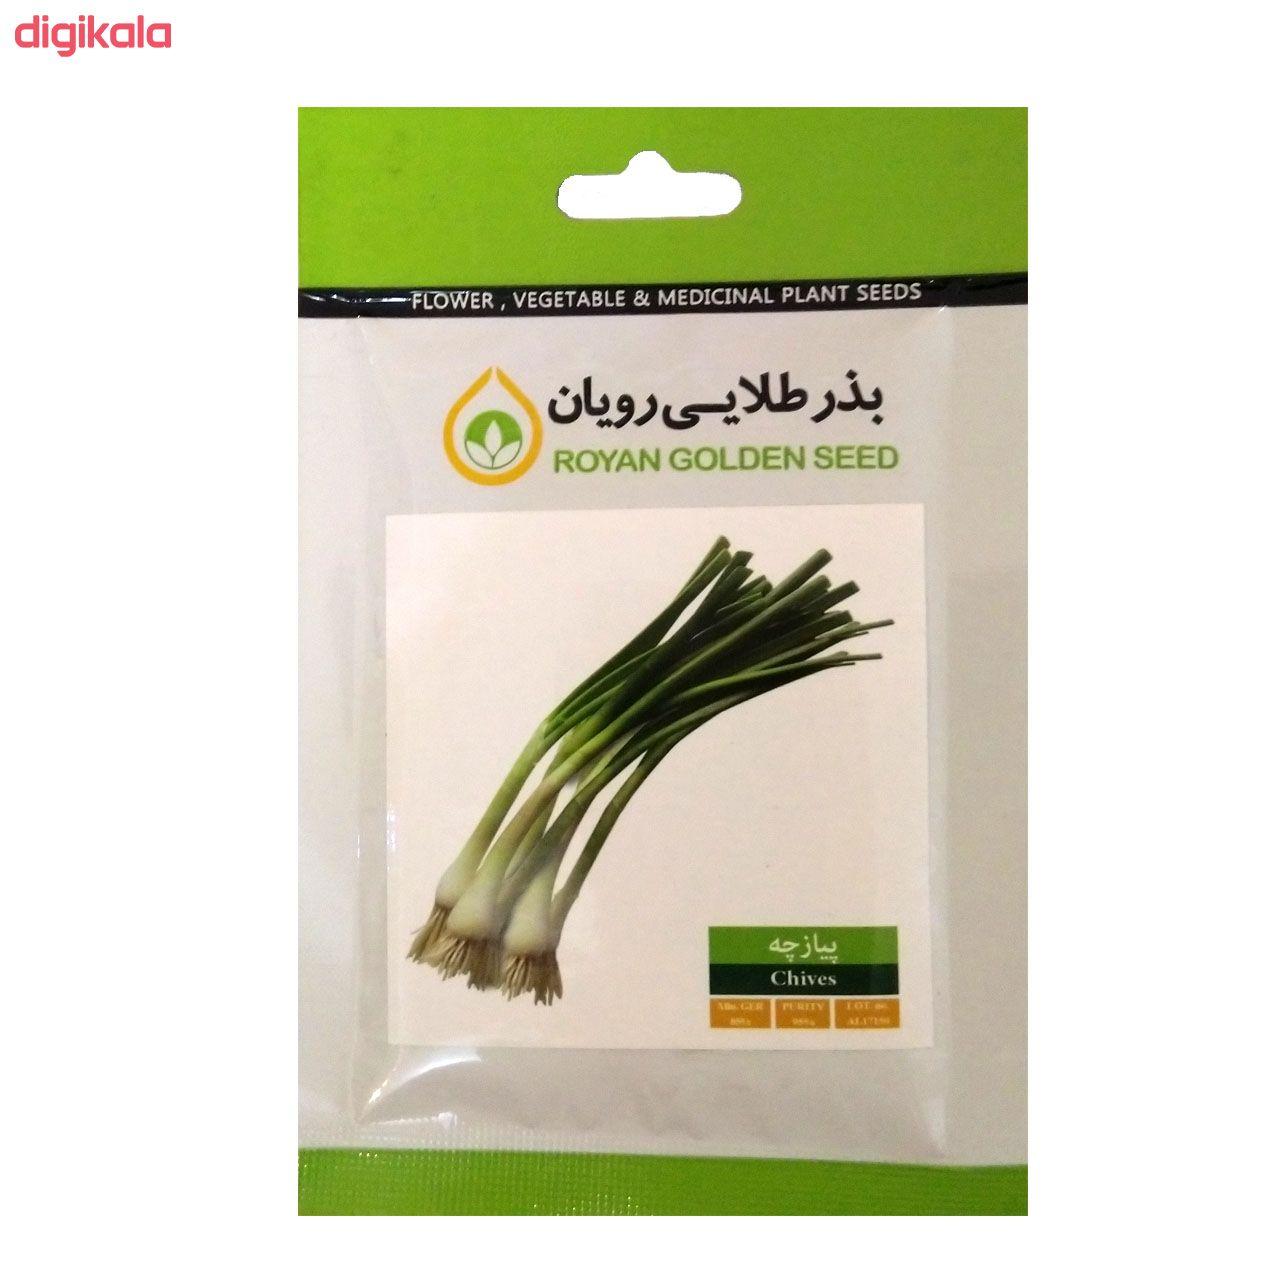 بذر سبزی خوراکی بذر طلایی رویان مدل V-P-BZTR-006 مجموعه 8 عددی main 1 4